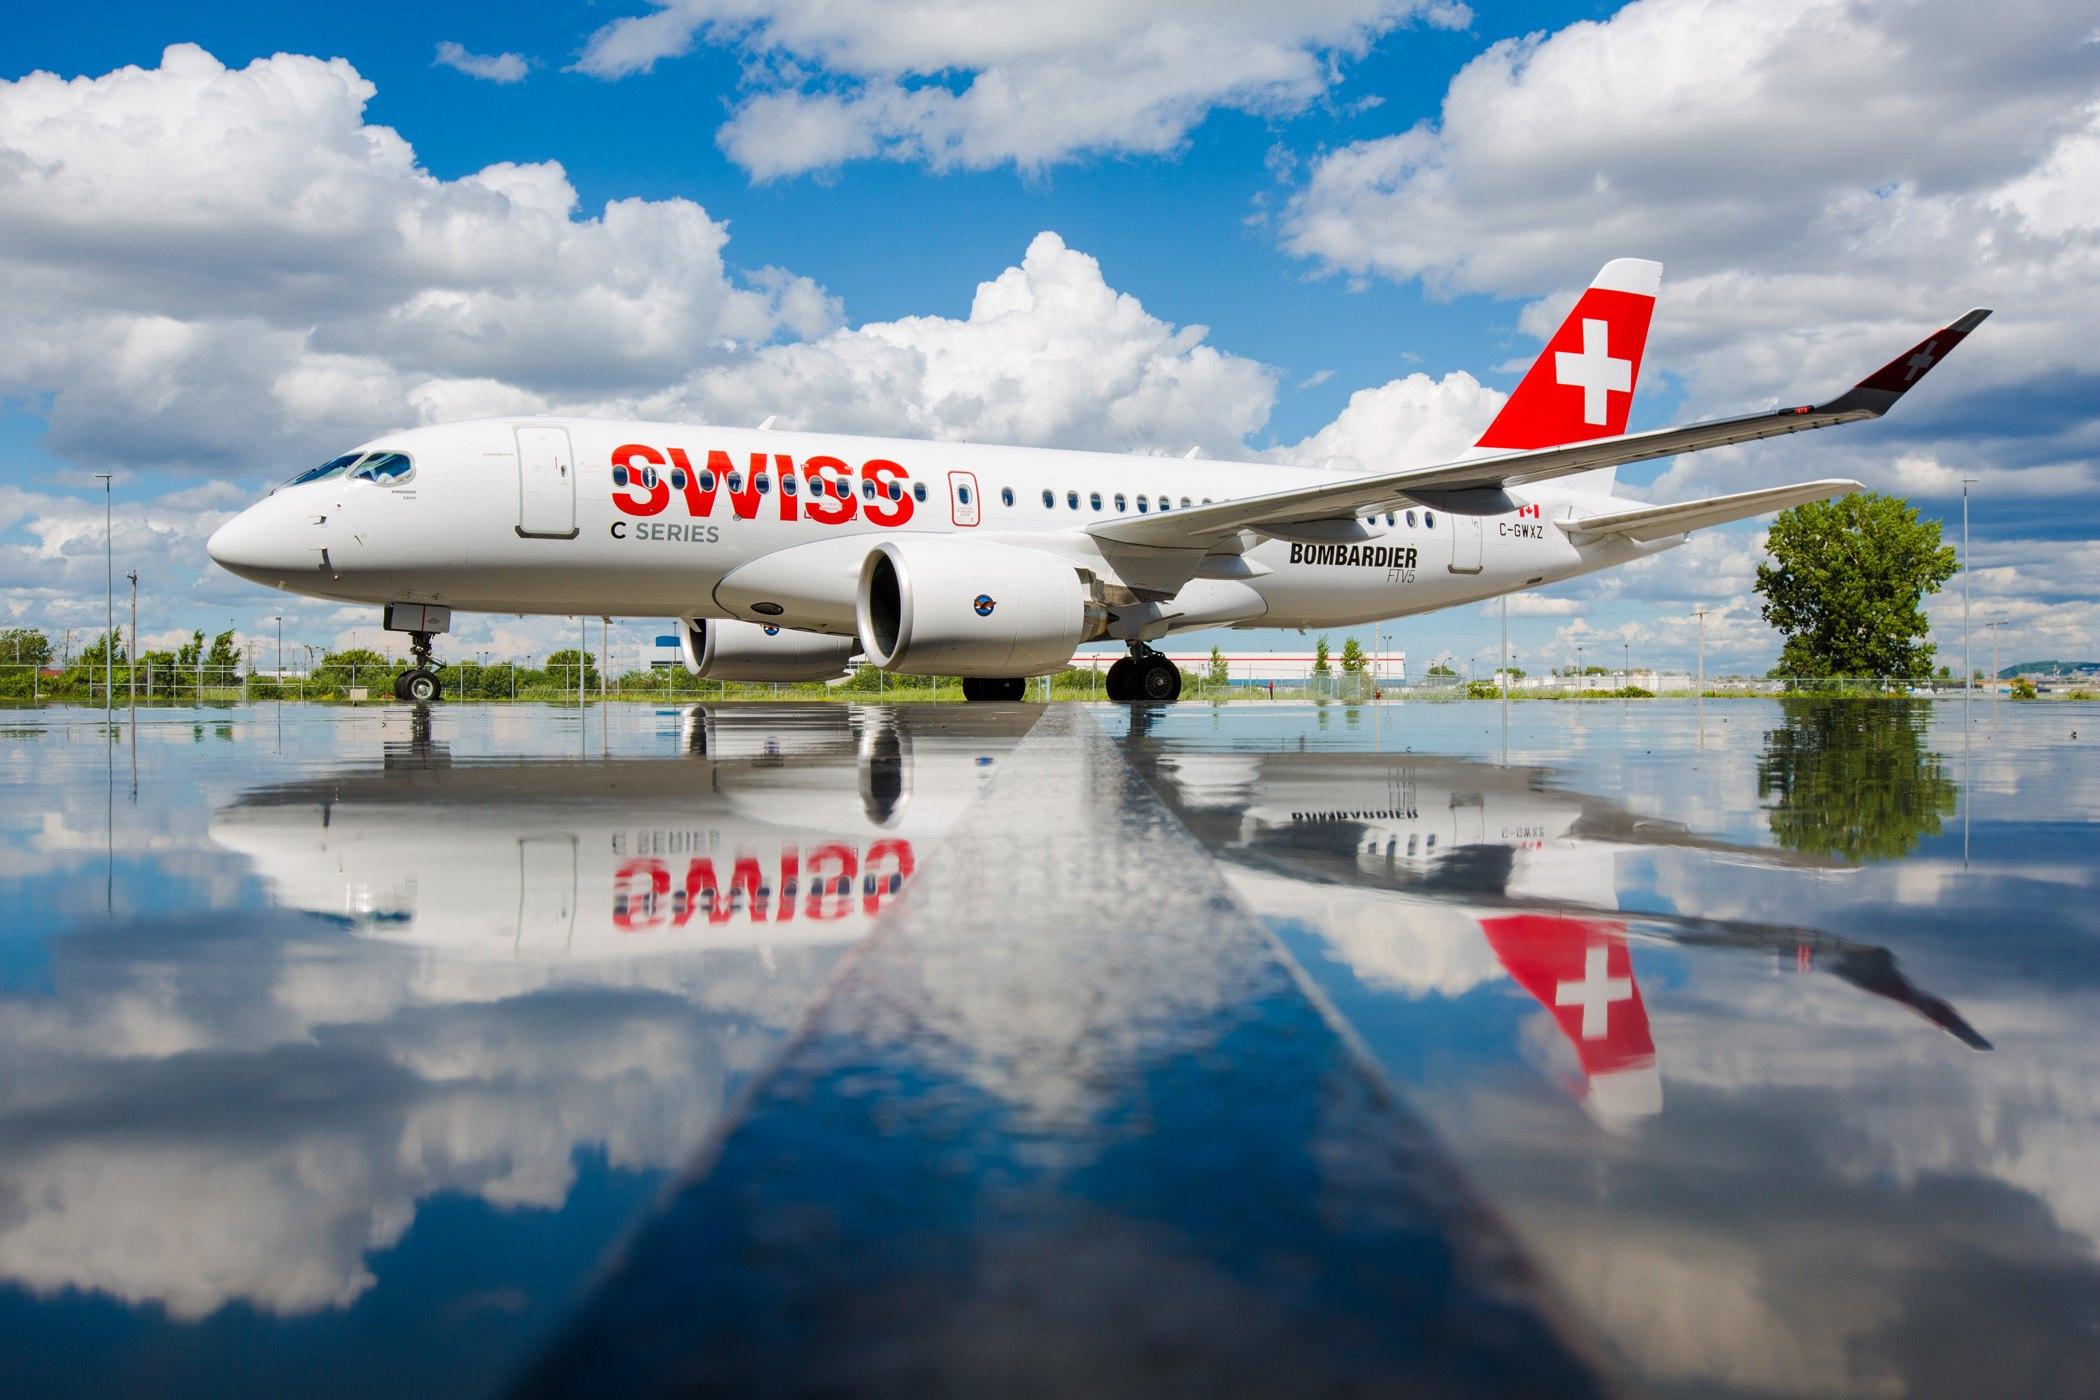 Bombardier CS100 Swiss - Image fournie gracieusement par Bombardier Inc.